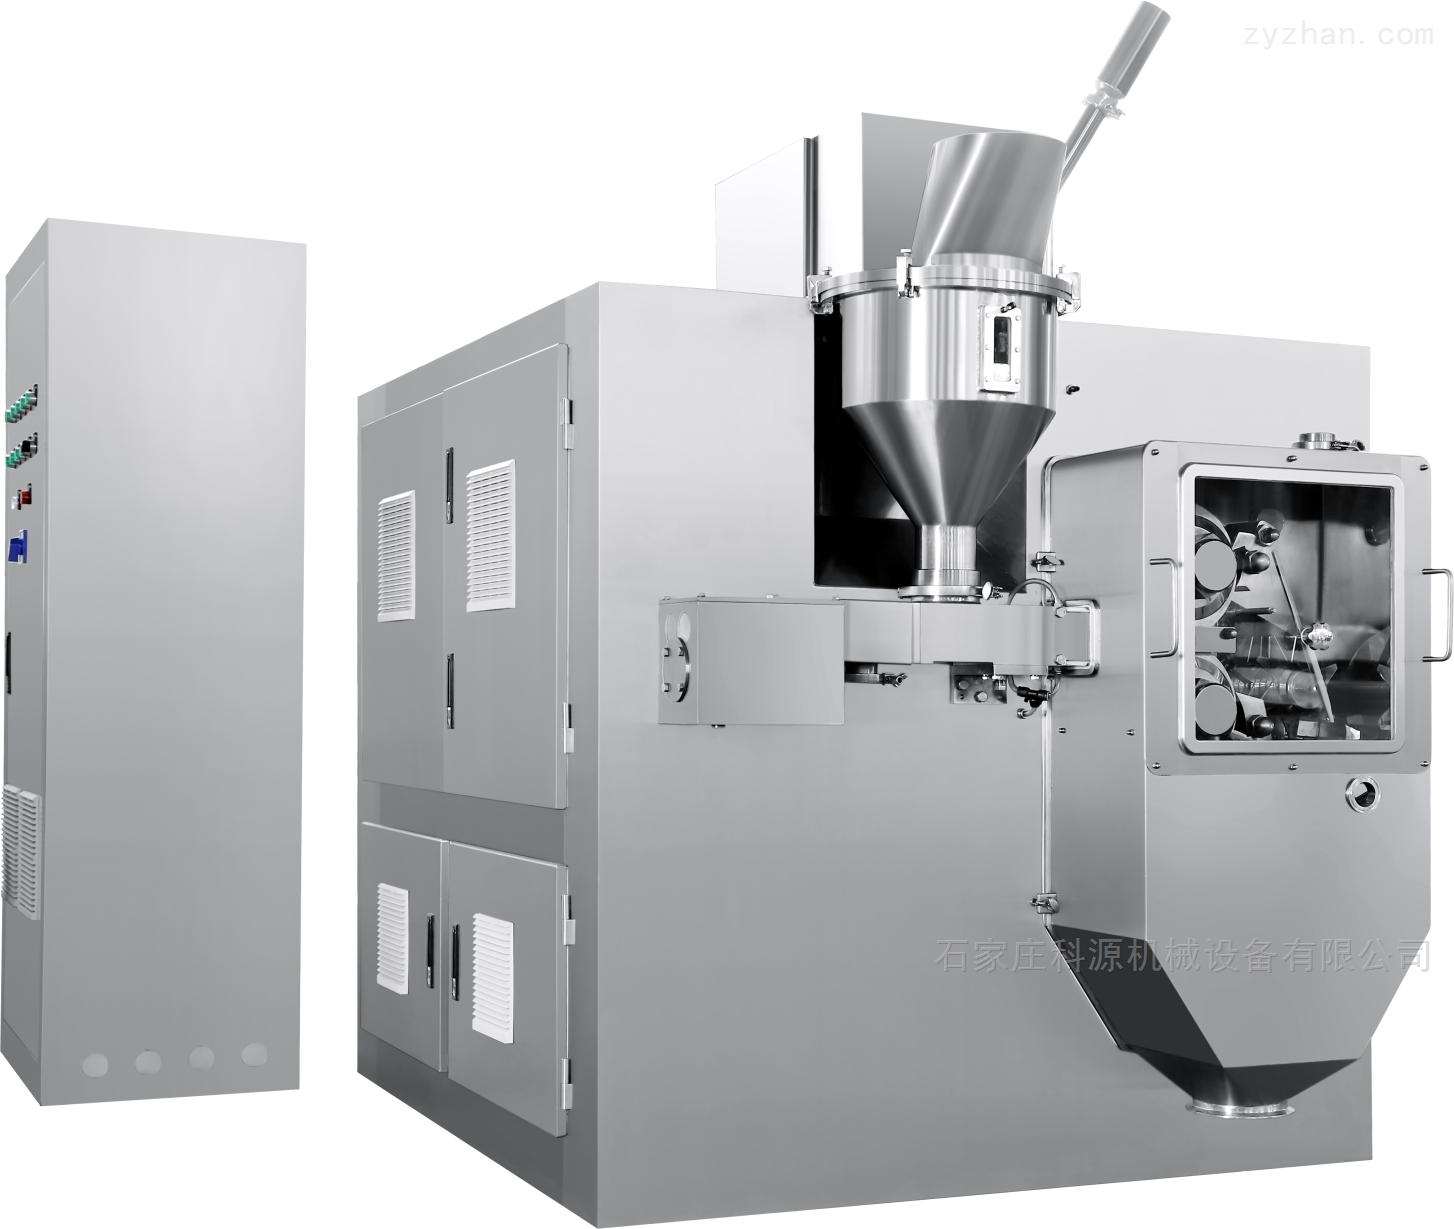 全自动干法制粒机产品应用